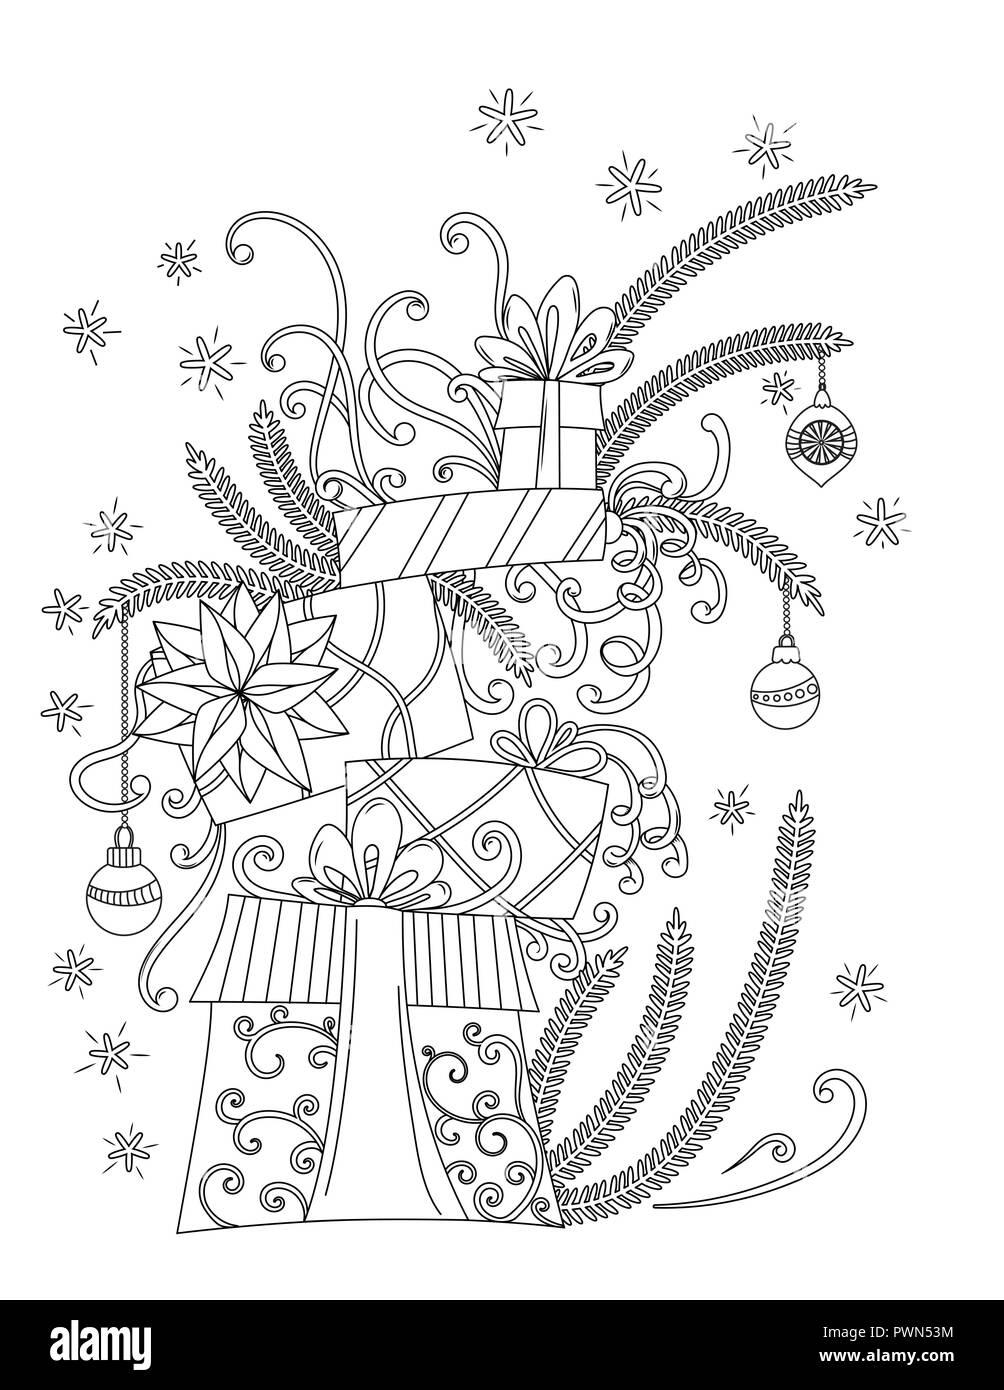 Weihnachten Malvorlagen. Malbuch für Erwachsene. Stapel von Urlaub präsentiert. Weihnachtsdekoration, cartoon Geschenkboxen, Bändern, Kugeln, Sternen und Schneeflocken. Hand Überblick Vector Illustration gezeichnet. Stock Vektor